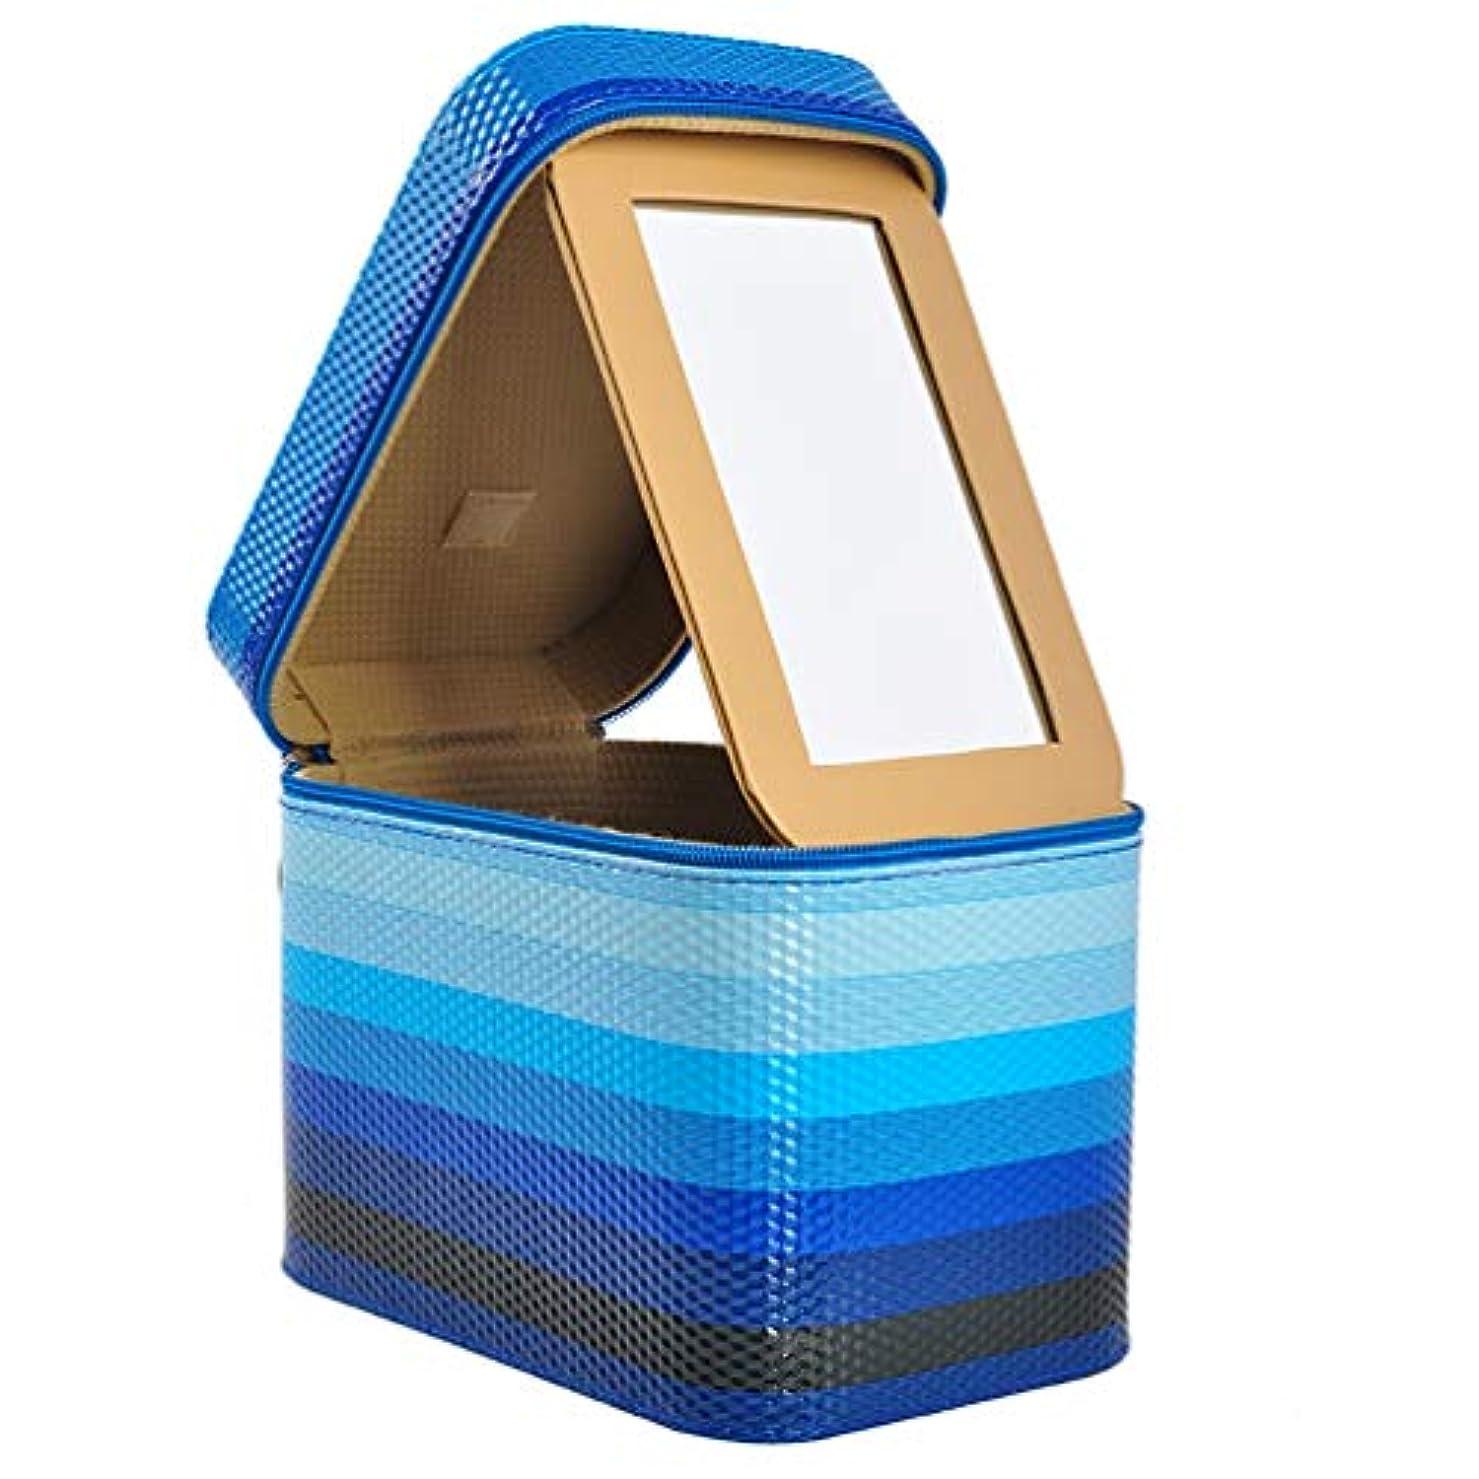 スカリー湿度トースト[カタク]メイクボックス コスメボックス 大容量 鏡付き 化粧ボックス おしゃれ 取っ手付 携帯便利 化粧道具 メイクブラシ 小物 出張 旅行 機能的 PUレザー プロ仕様 きらきら 化粧ポーチ コスメBOX